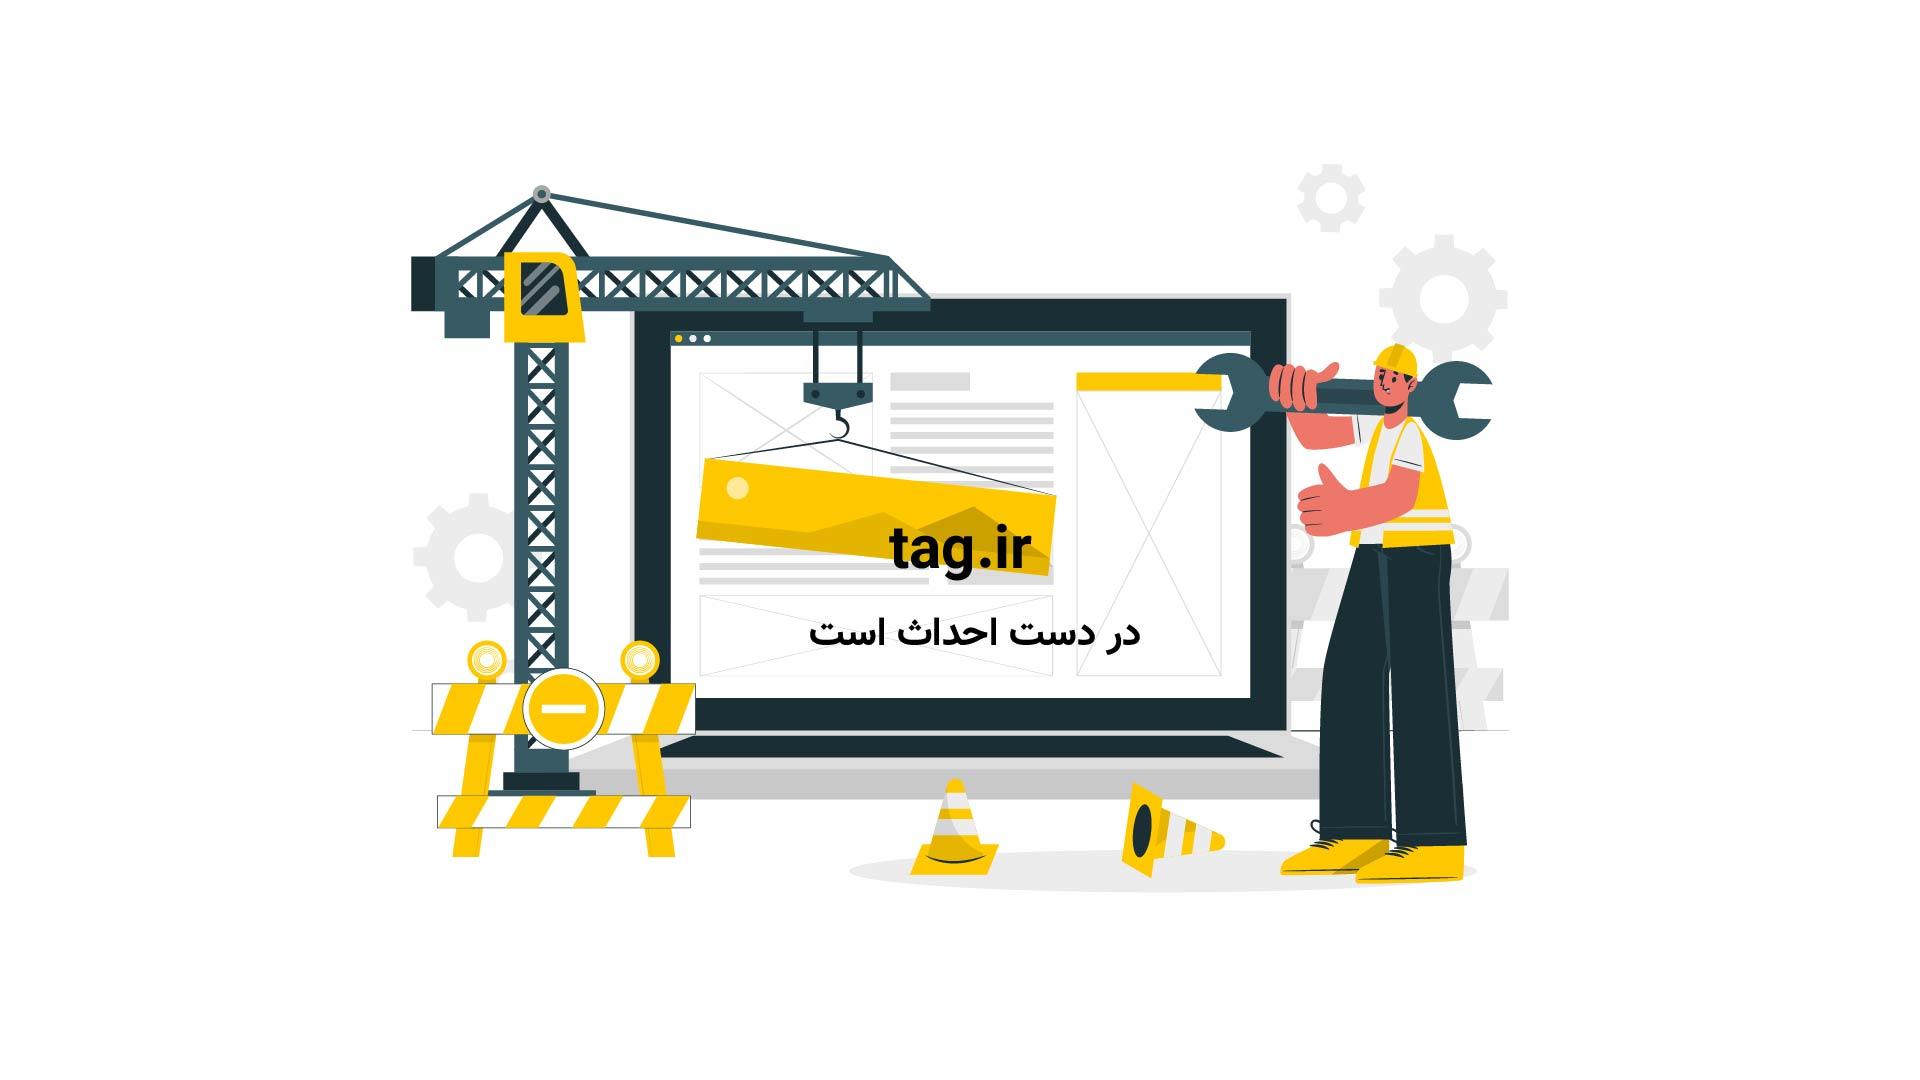 مراسم اهدای جام باشگاههای جهان به رئال مادرید | فیلم